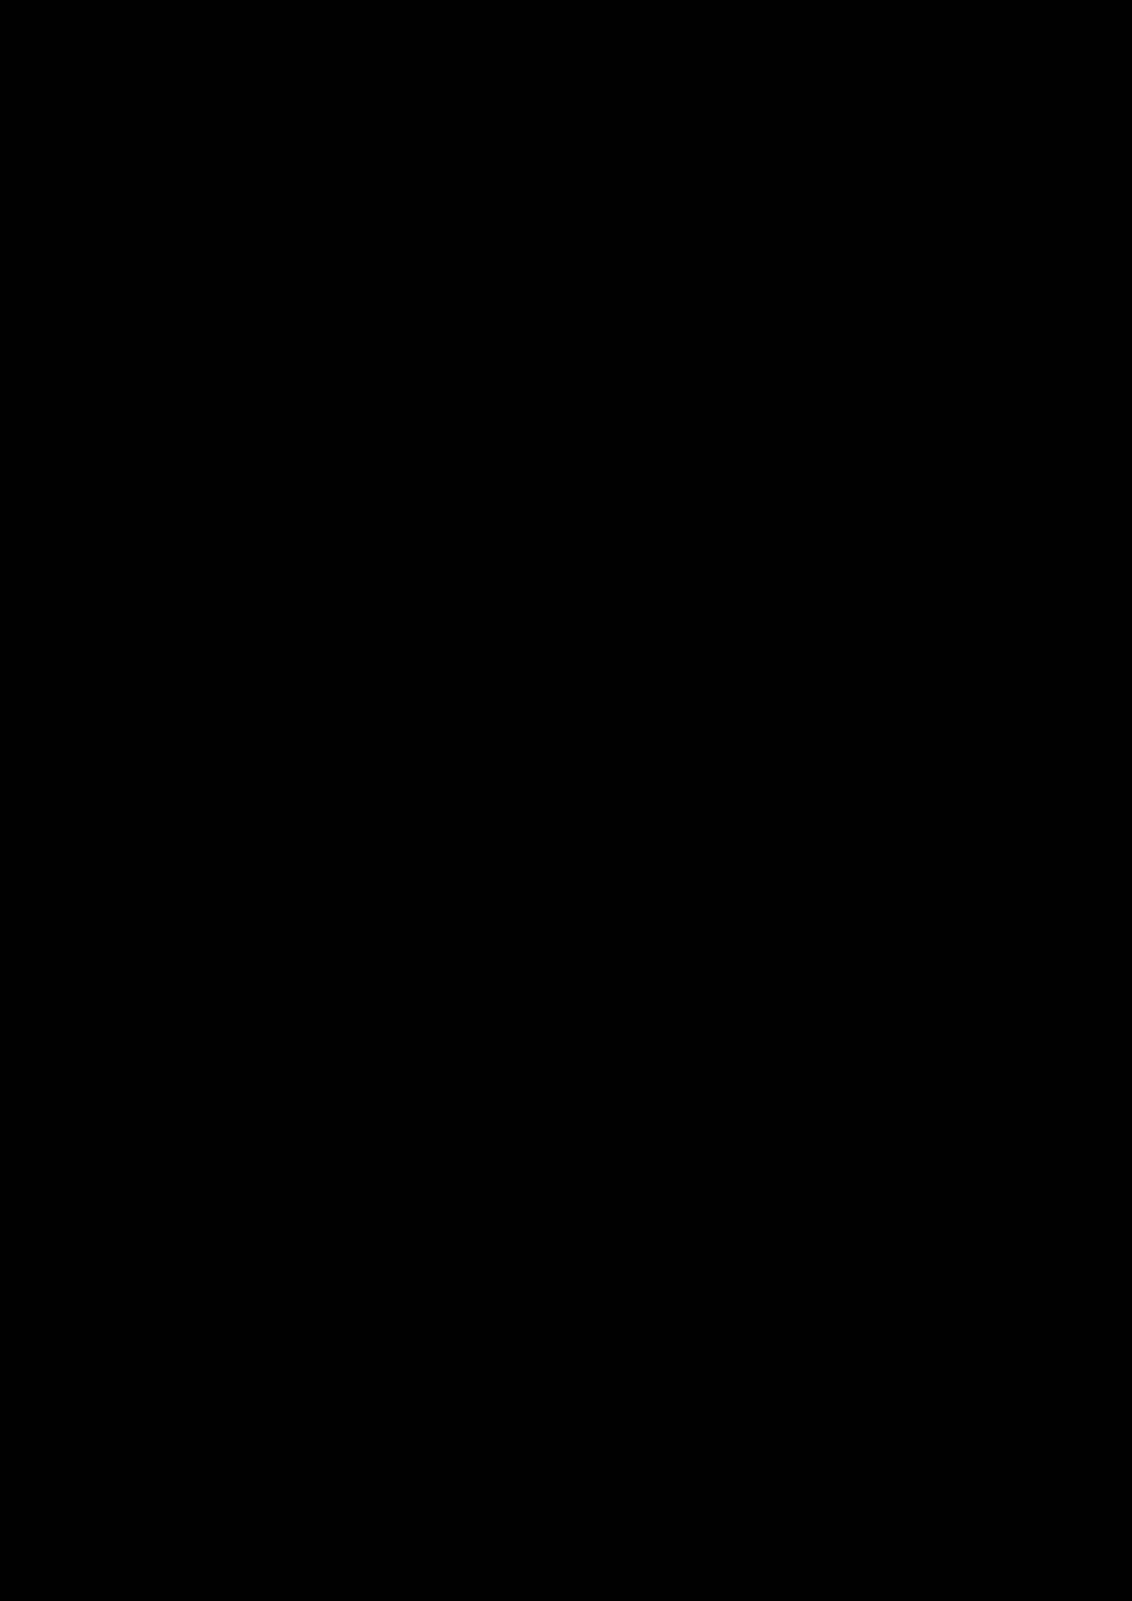 Osobyiy rezon slide, Image 9